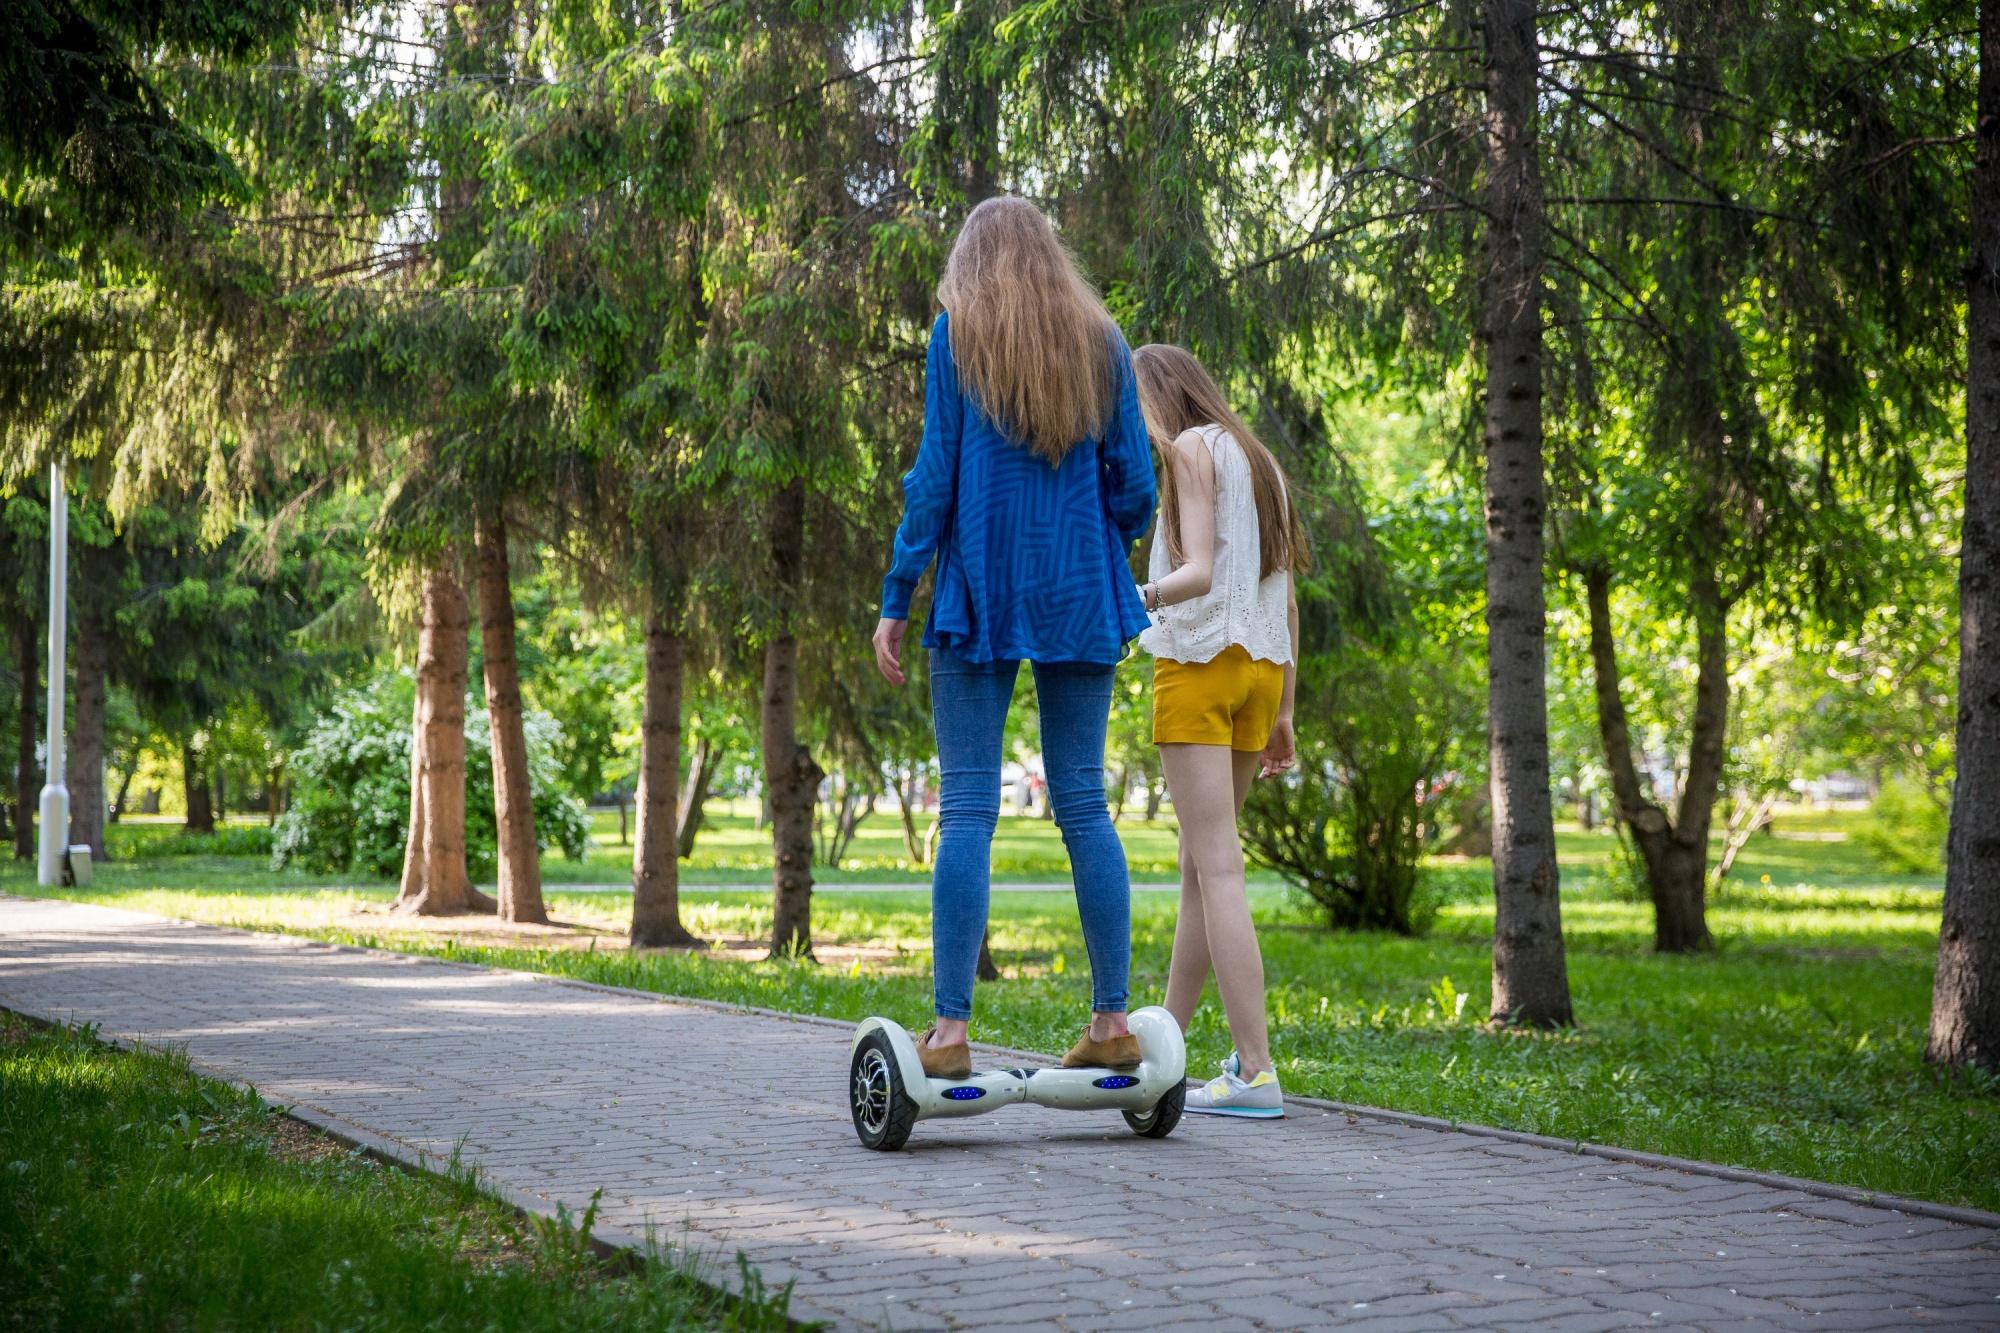 Батарейка между ног: электросамокаты и электроколёса заменяют новосибирцам метро и автобусы